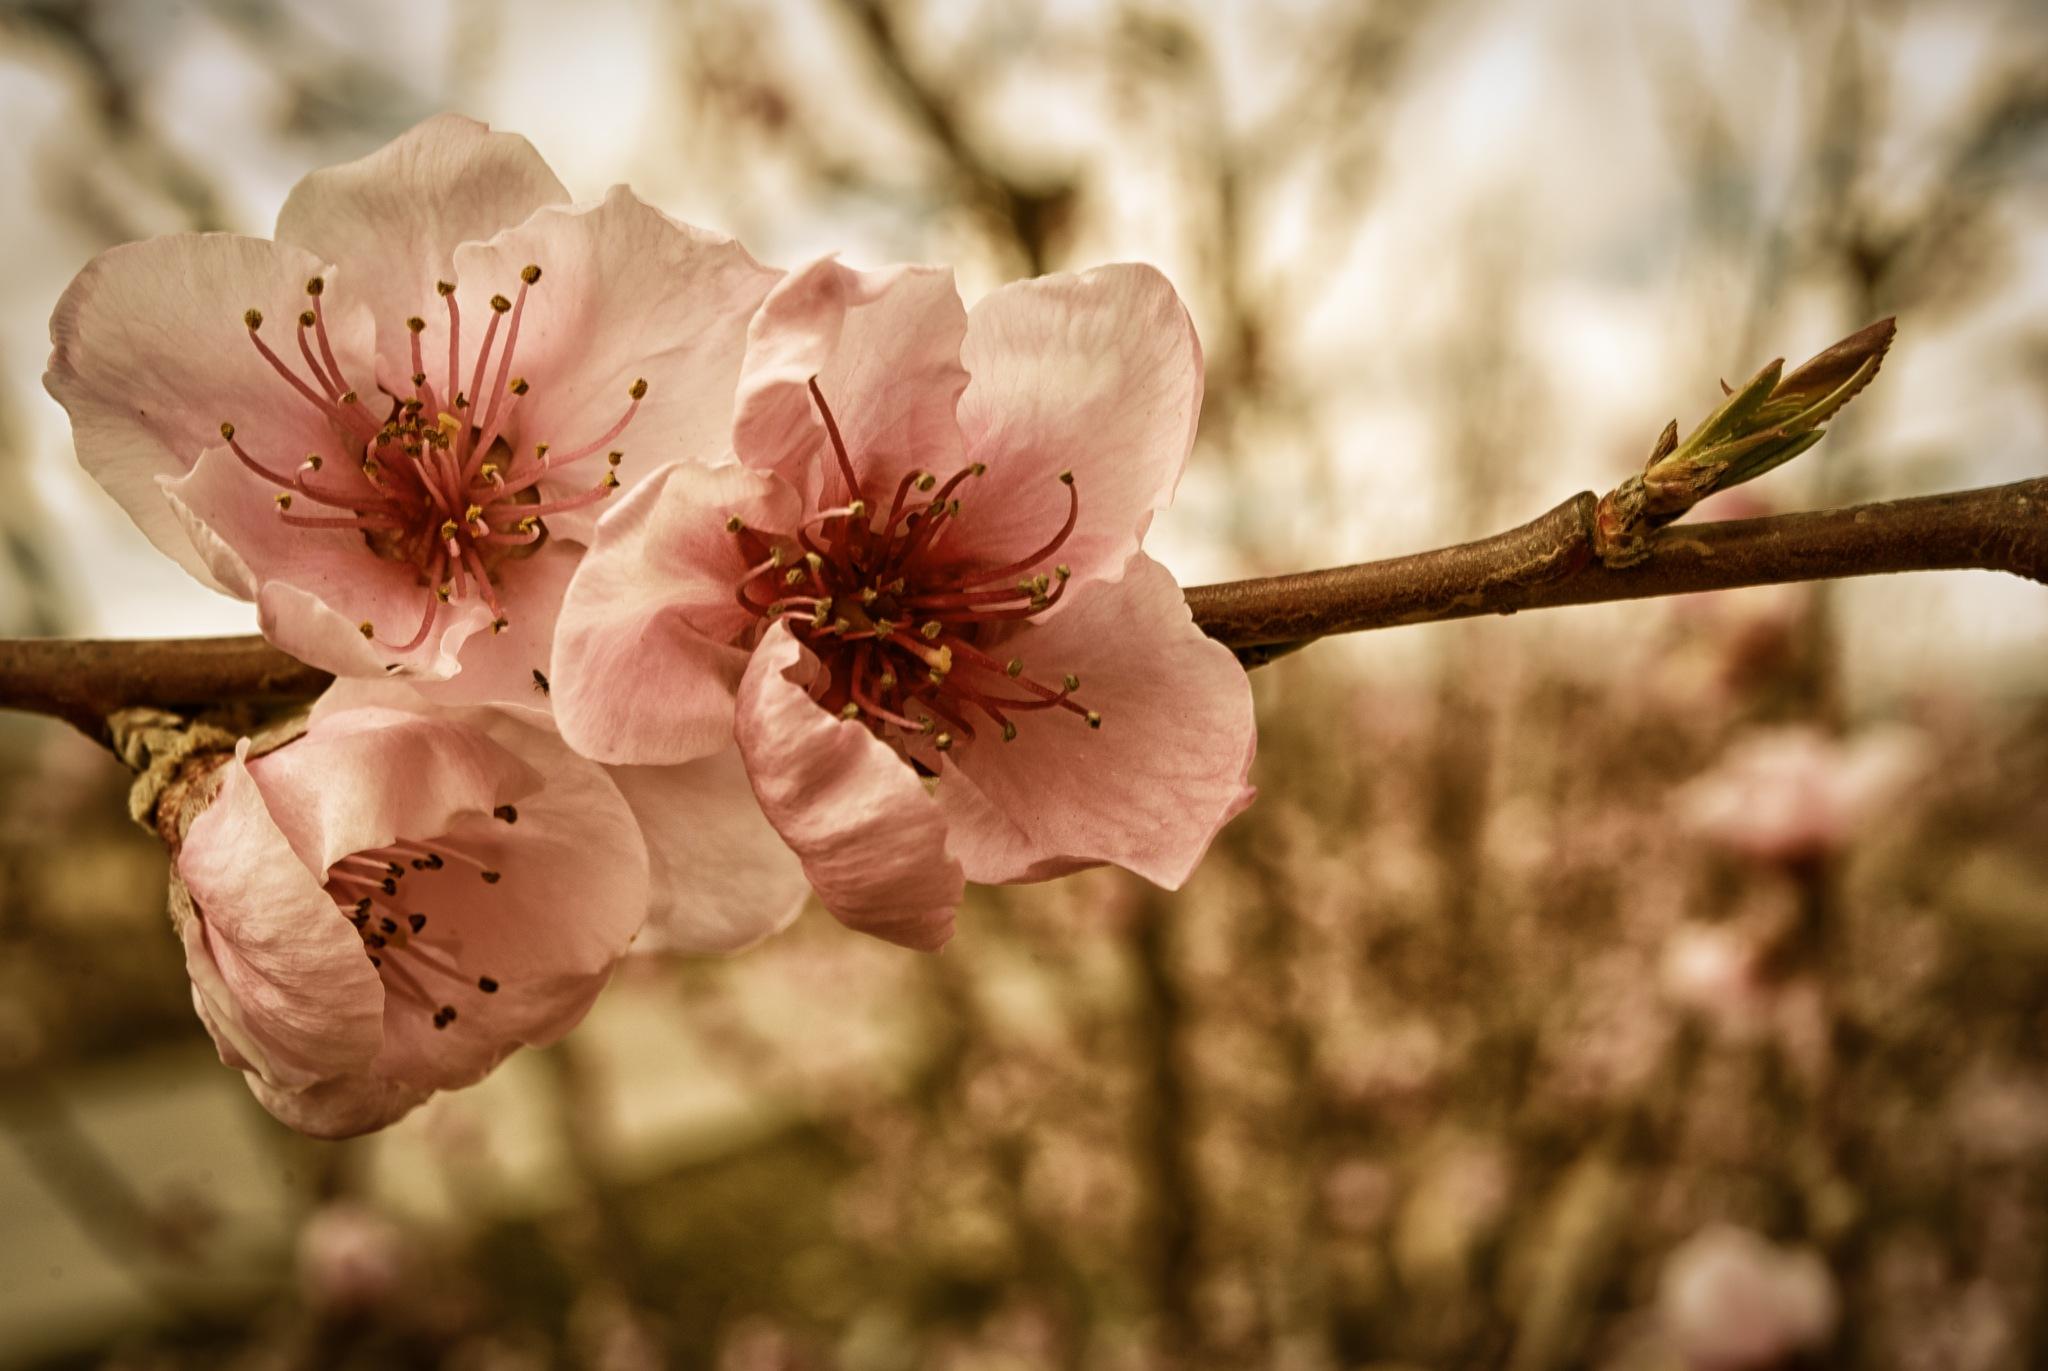 Flores de melocotonero. Caravaca de la Cruz. by MiguelOnPhotography